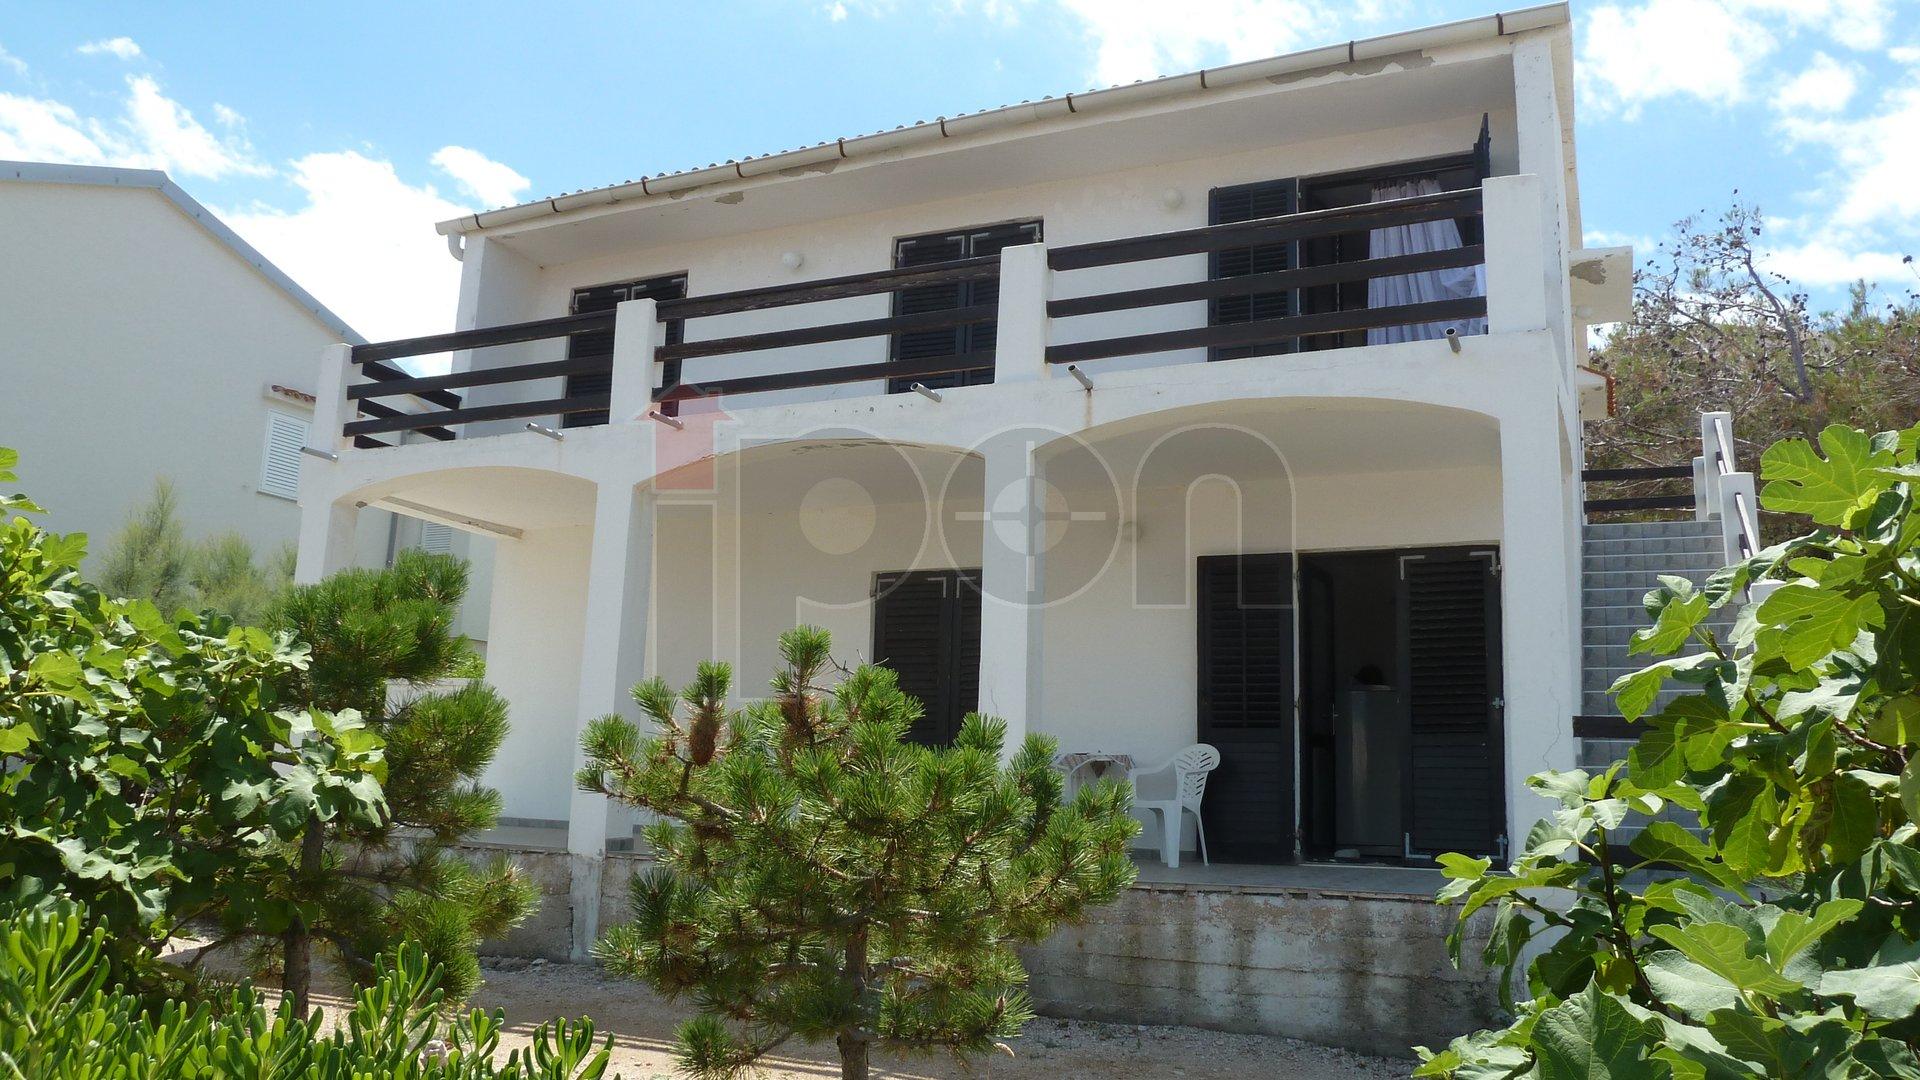 Pag, smostojeća kuća sa dva stana, panoramski pogled, blizina plaže, mirna lokacija!